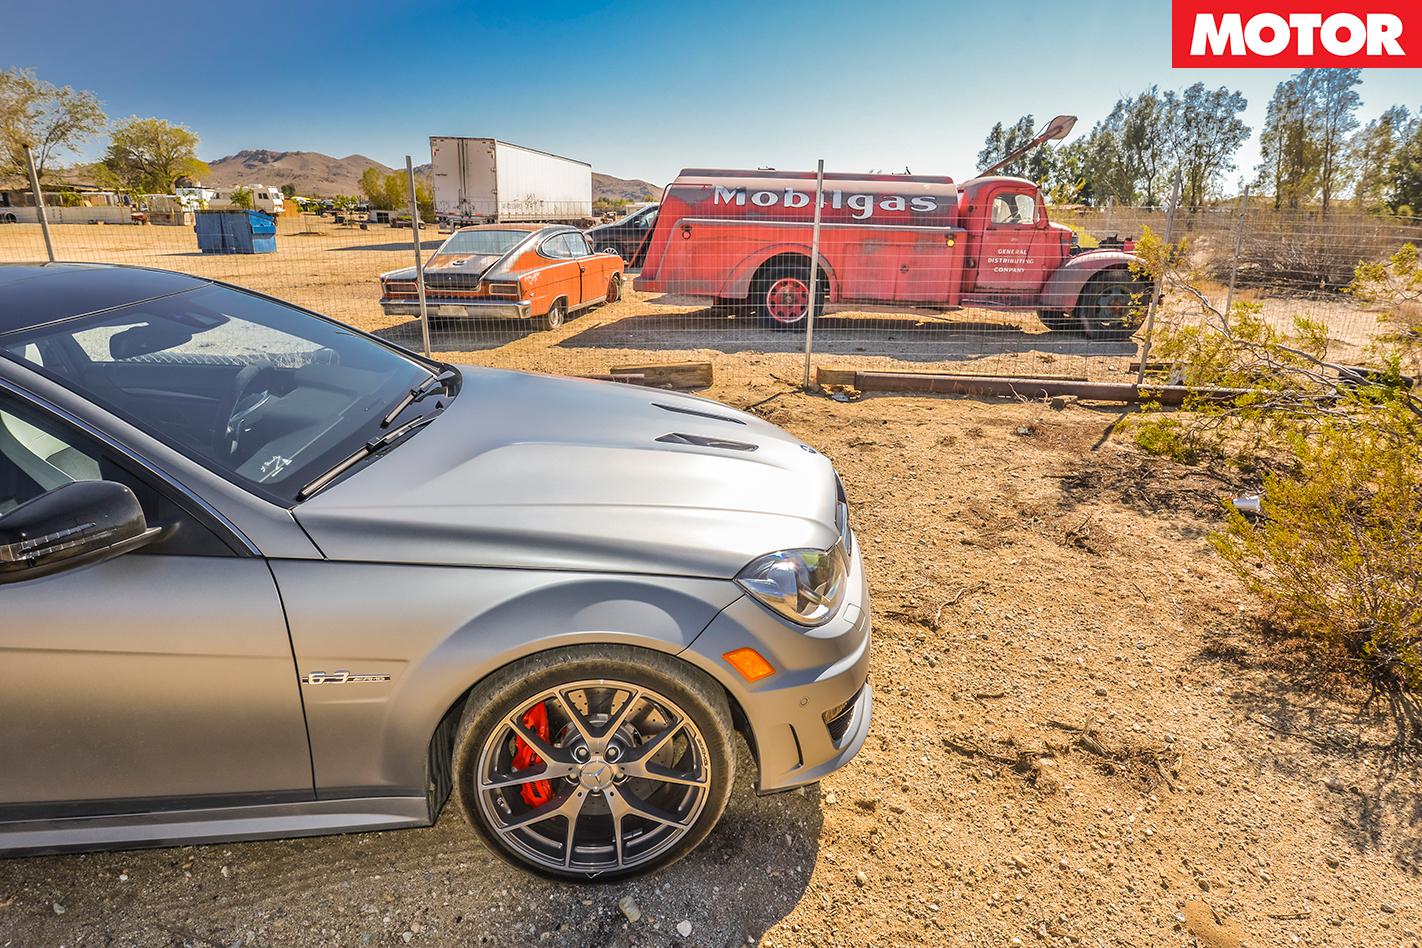 Mercedes-AMG C63 507 in the Desert